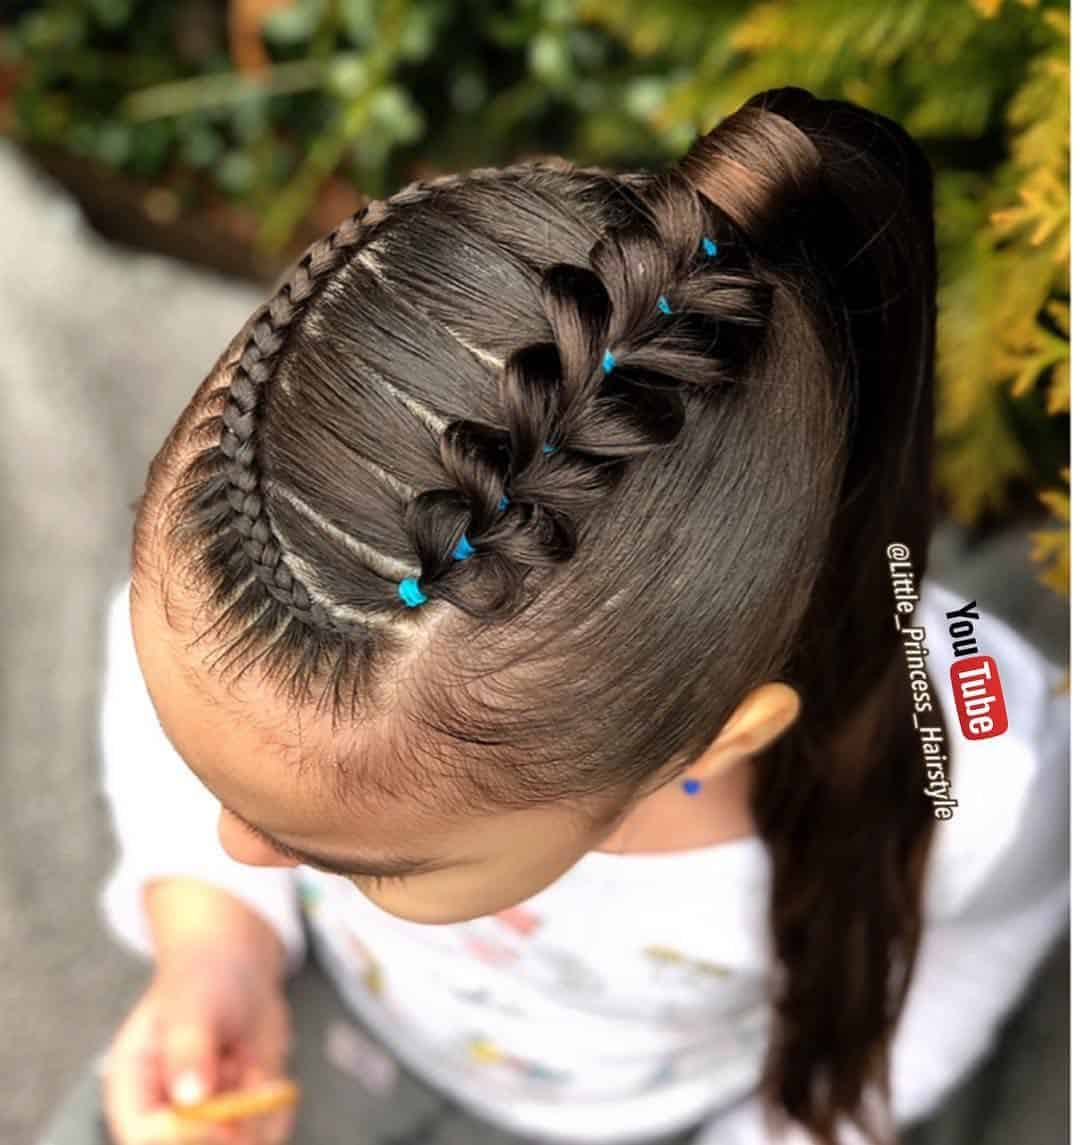 Minimalista peinados de niña trenzas Fotos de cortes de pelo tendencias - 75 Peinados con Trenzas para niñas fáciles paso a paso con ...